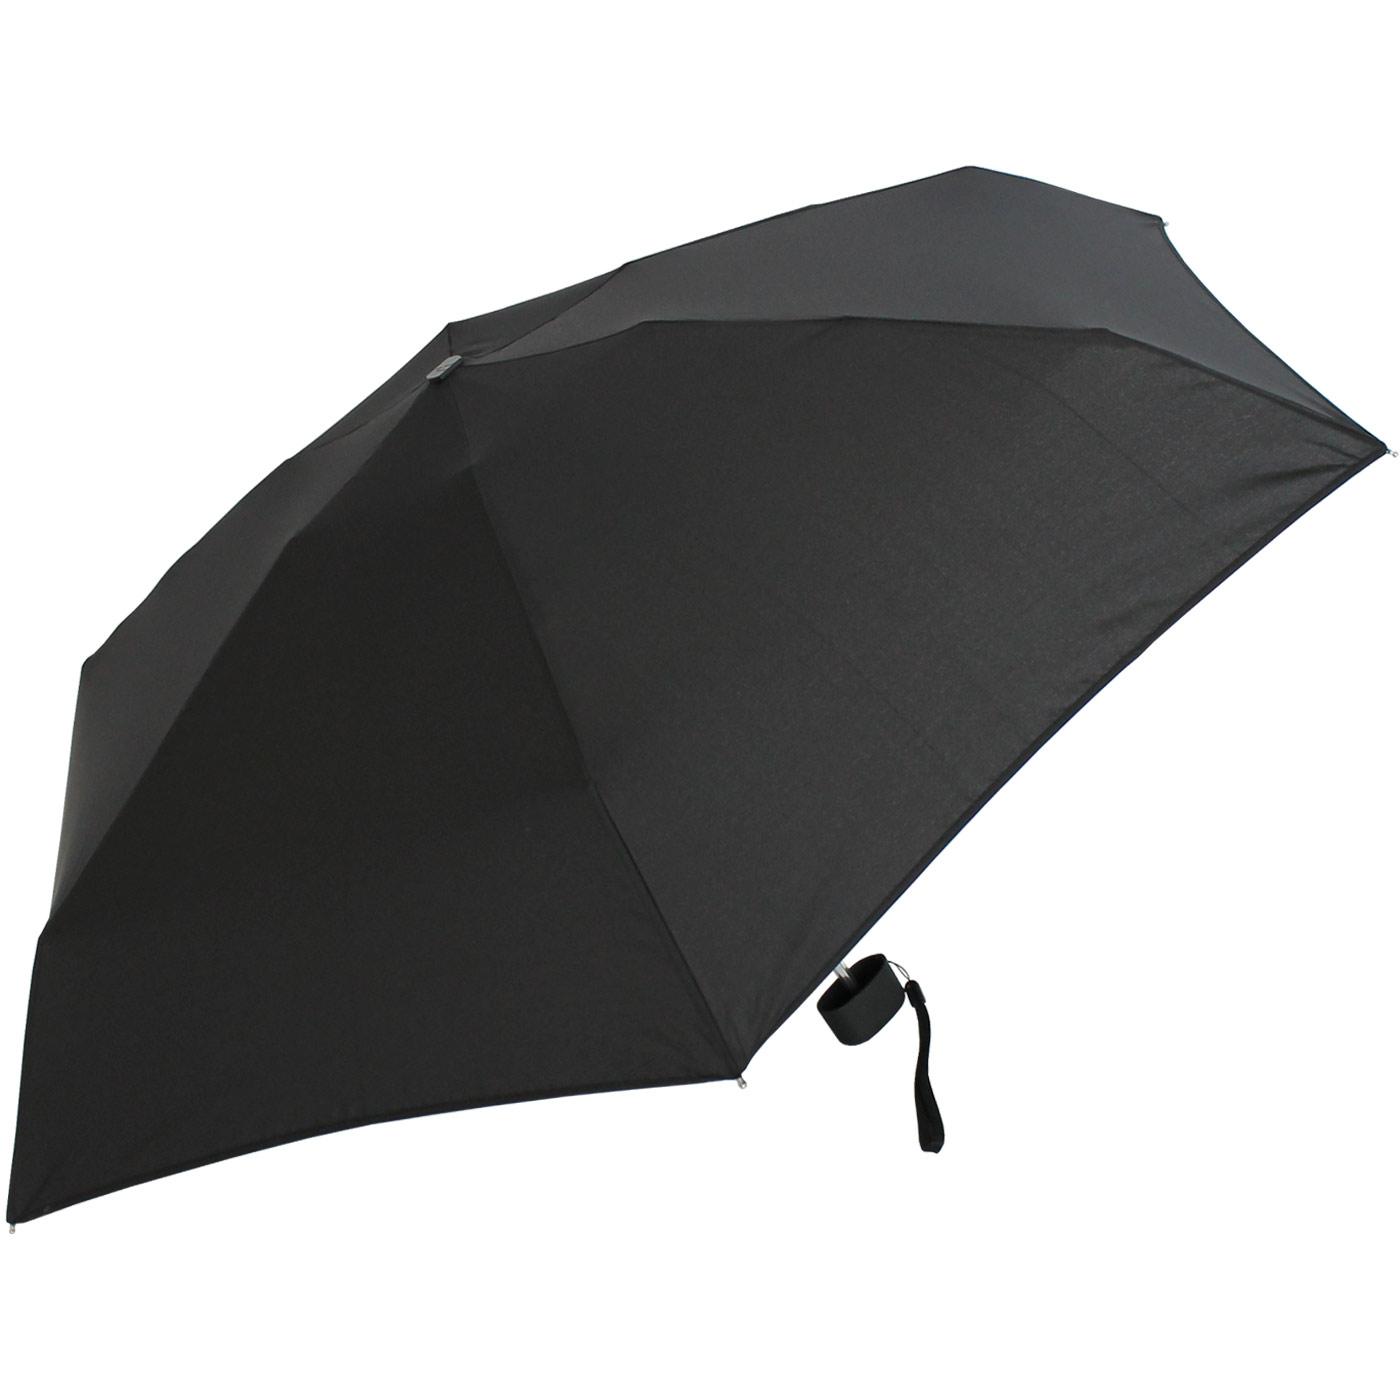 Regenschirm-Super-Mini-Taschenschirm-Damen-Herren-winzig-klein-leicht-im-Etui Indexbild 5